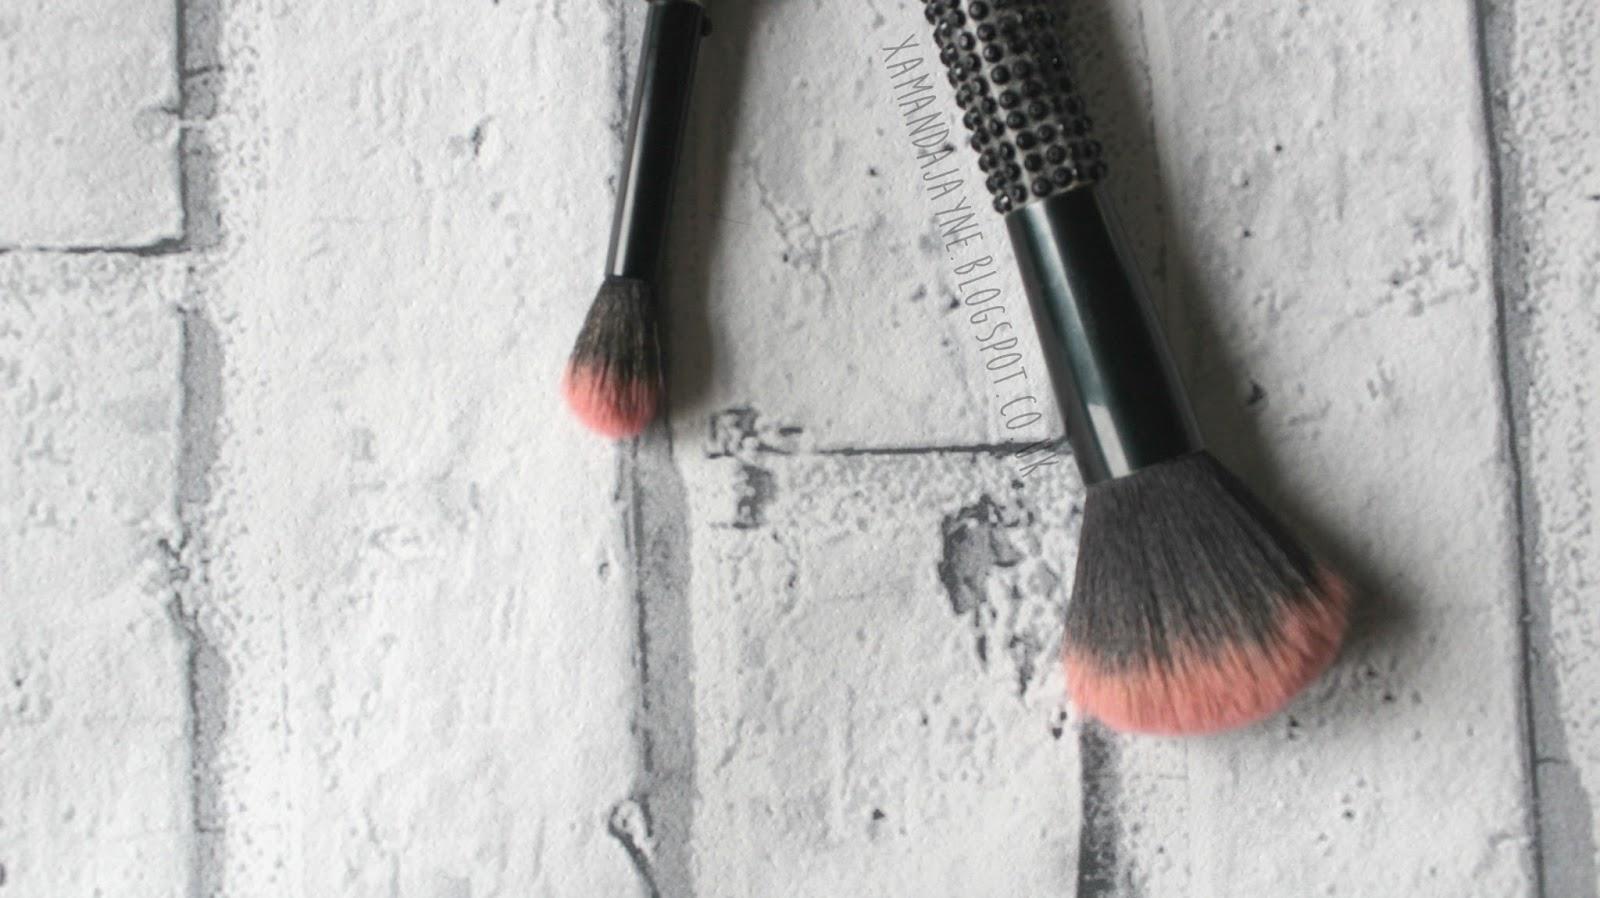 primark brush gift set review